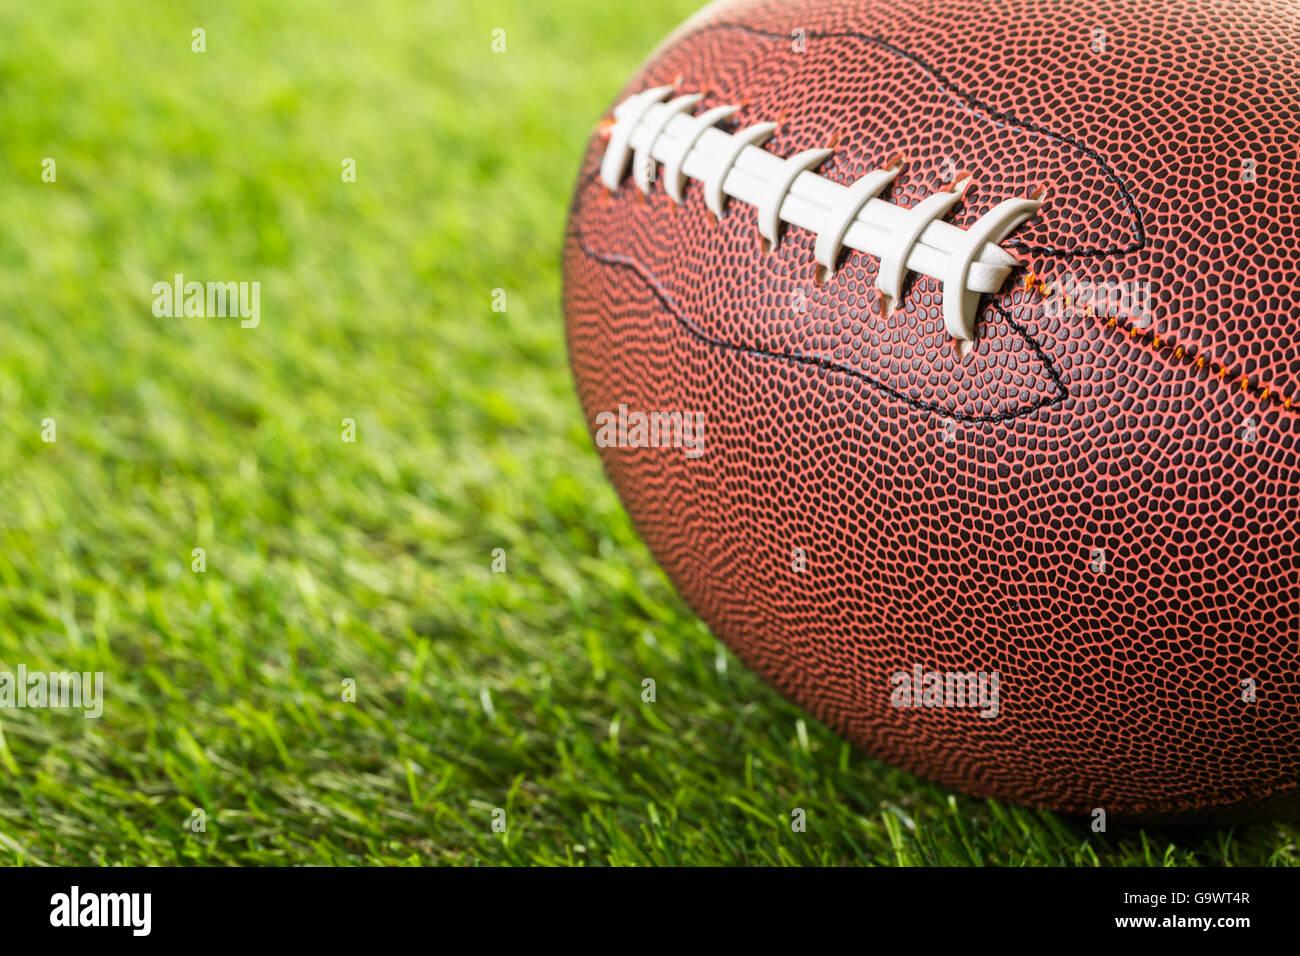 Fútbol Americano de cerca sobre la hierba verde. Imagen De Stock